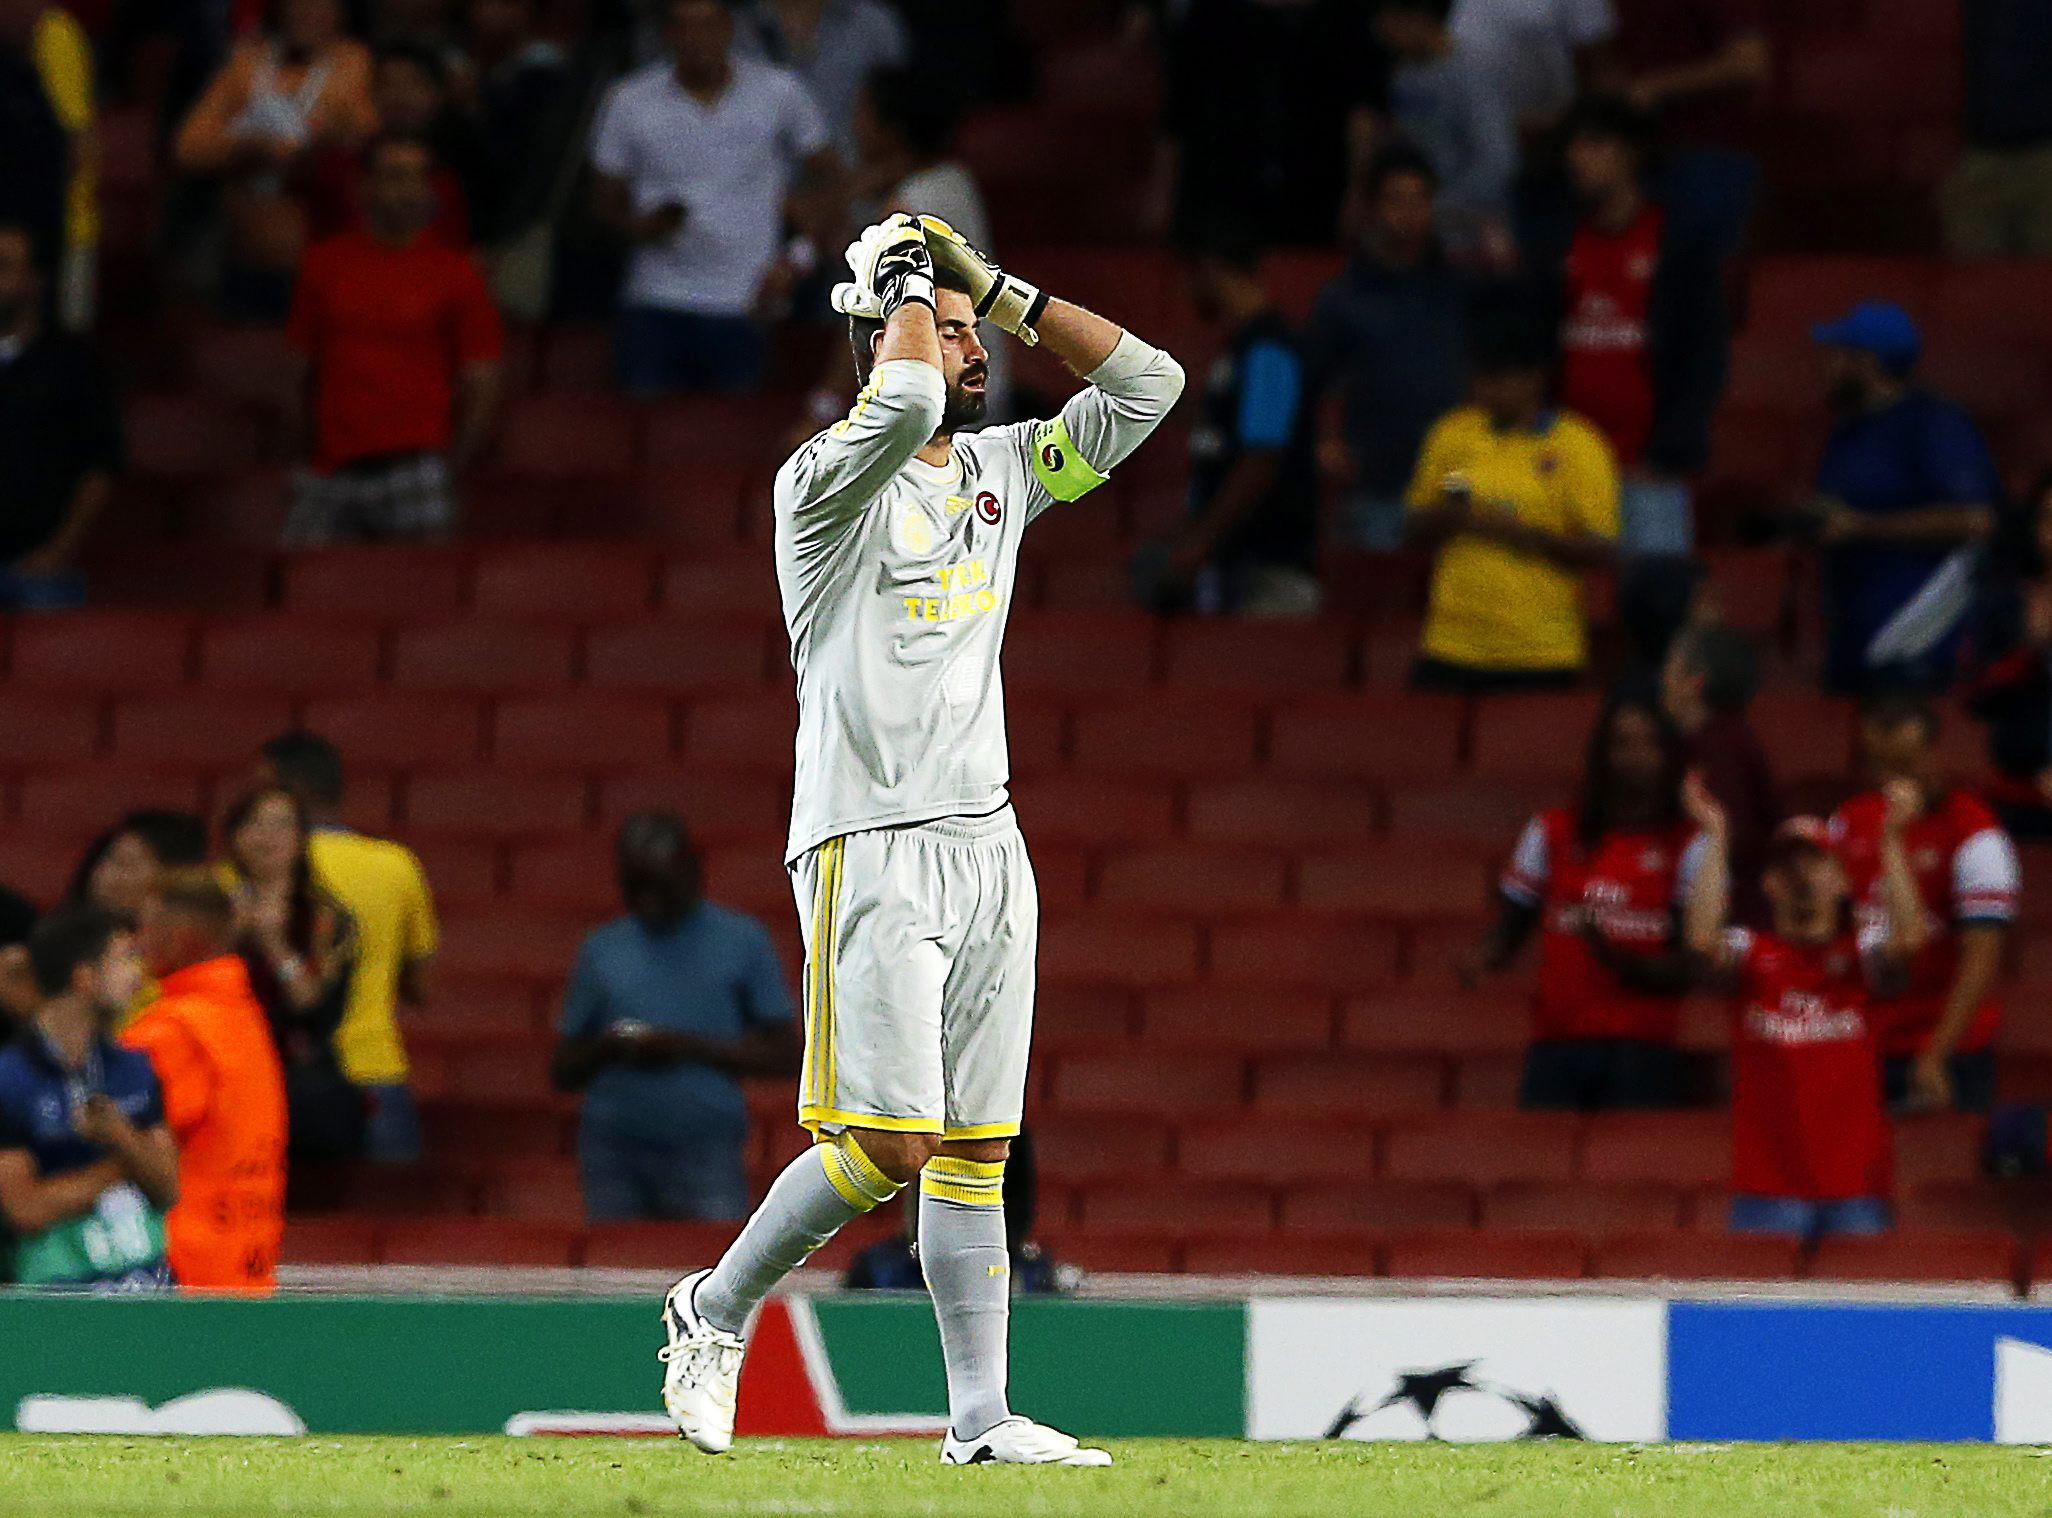 El TAS mantiene la suspensión de dos años al Fenerbahçe por supuestos amaños